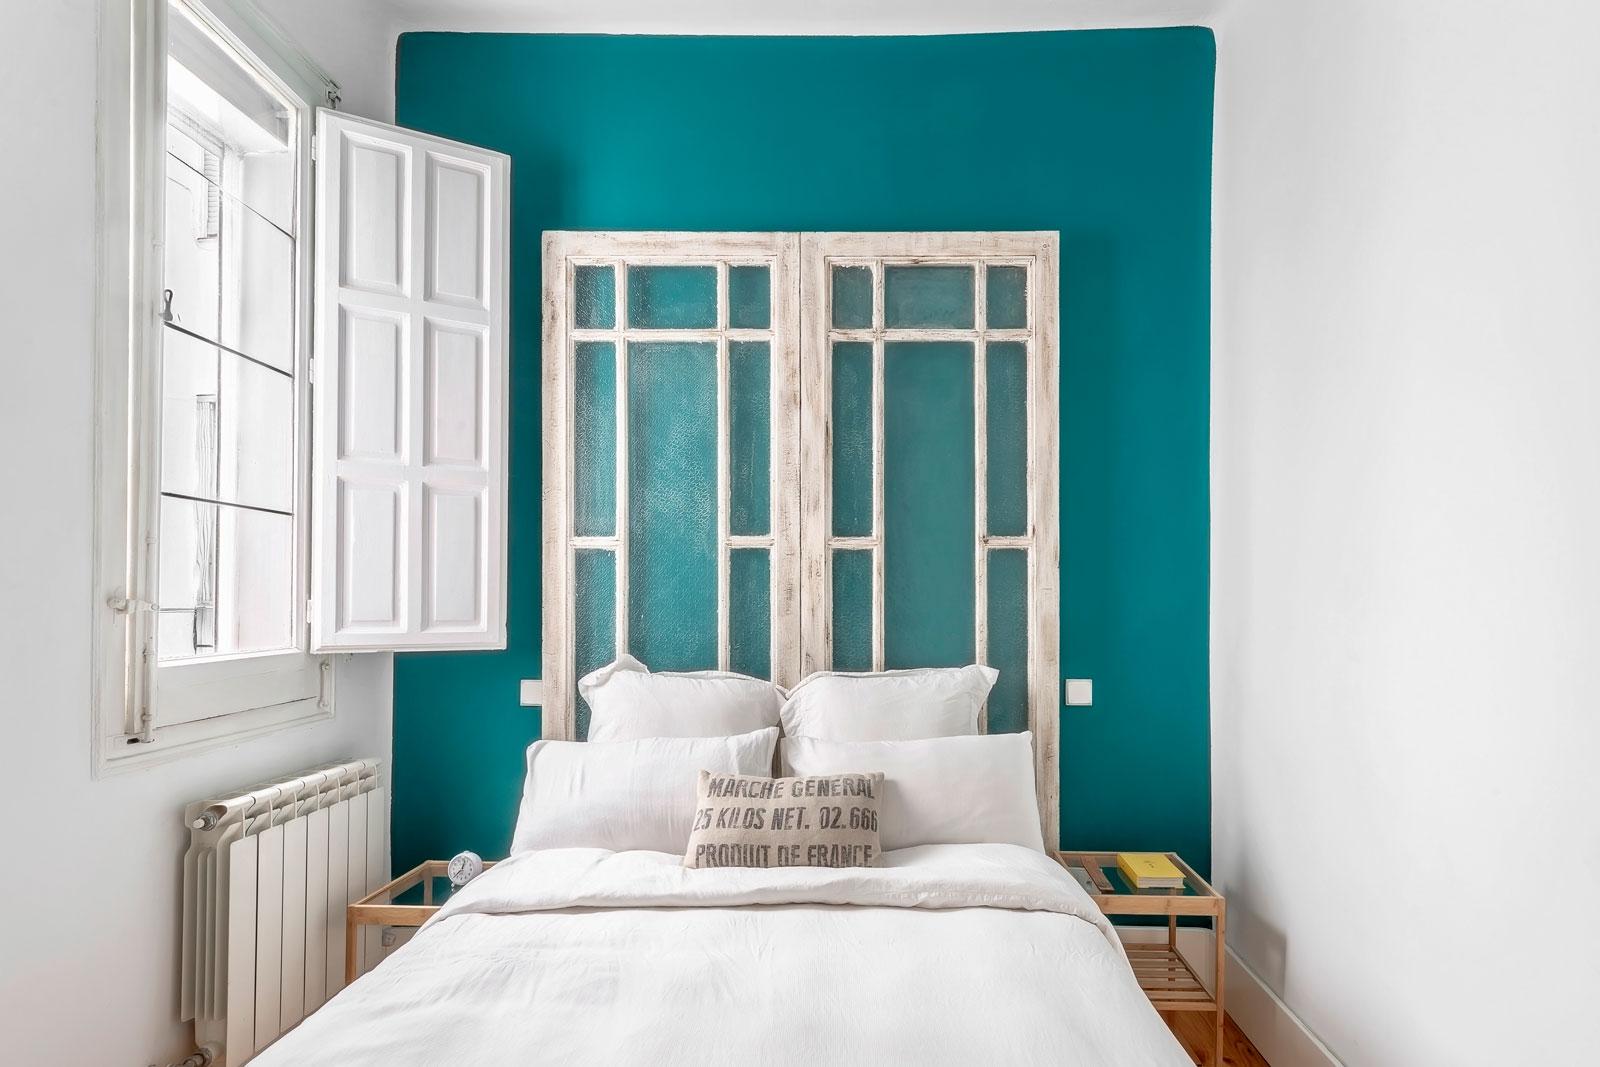 puertas-cabecero-cama-pared-turquesa-minipiso-madrid-centro